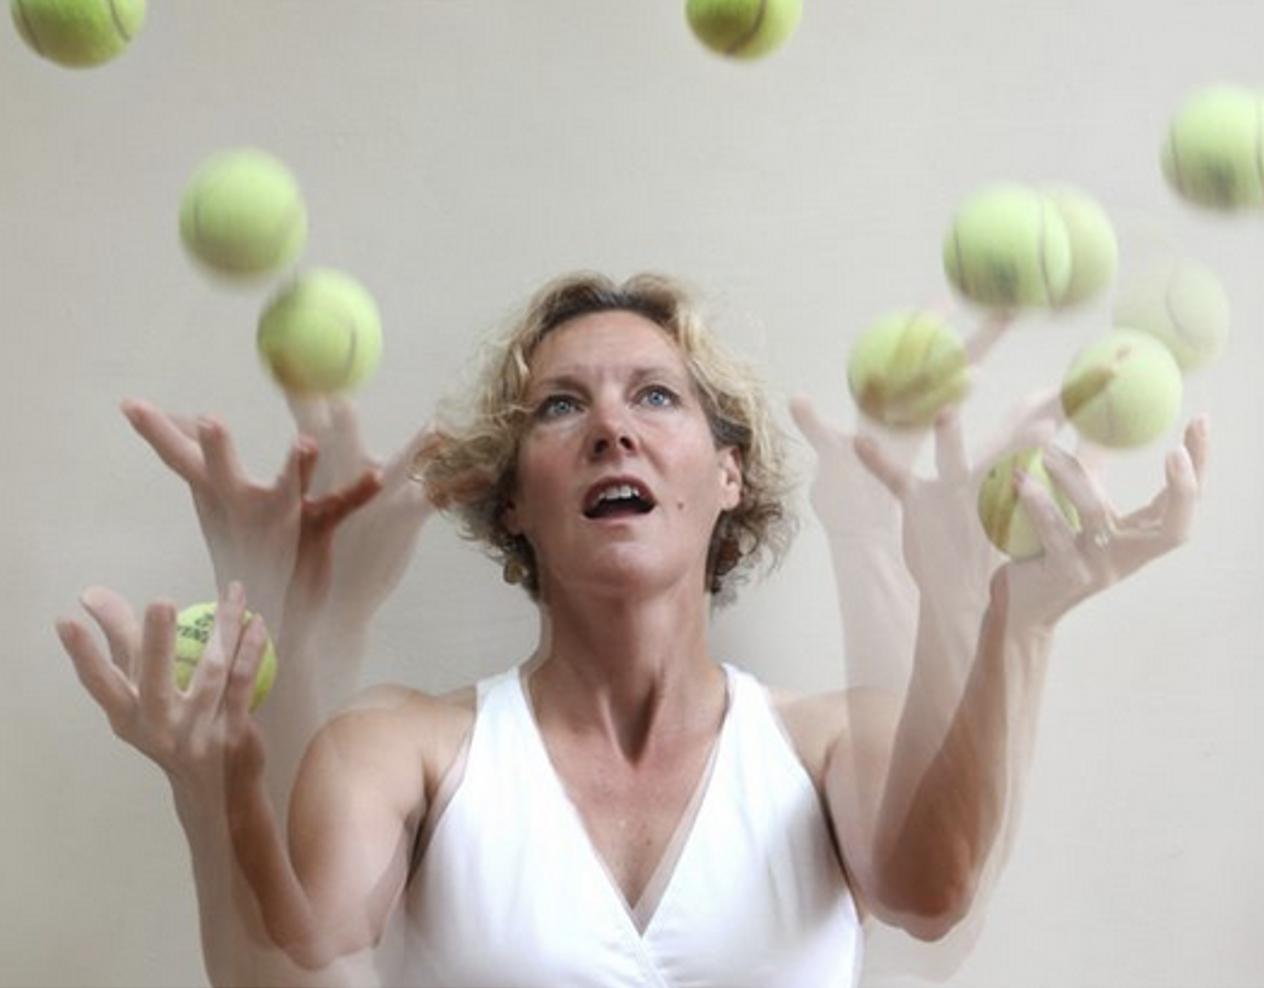 GRATIS WEBINAR: Alle ballen in de lucht en doodmoe. Van stress naar ontspanning.